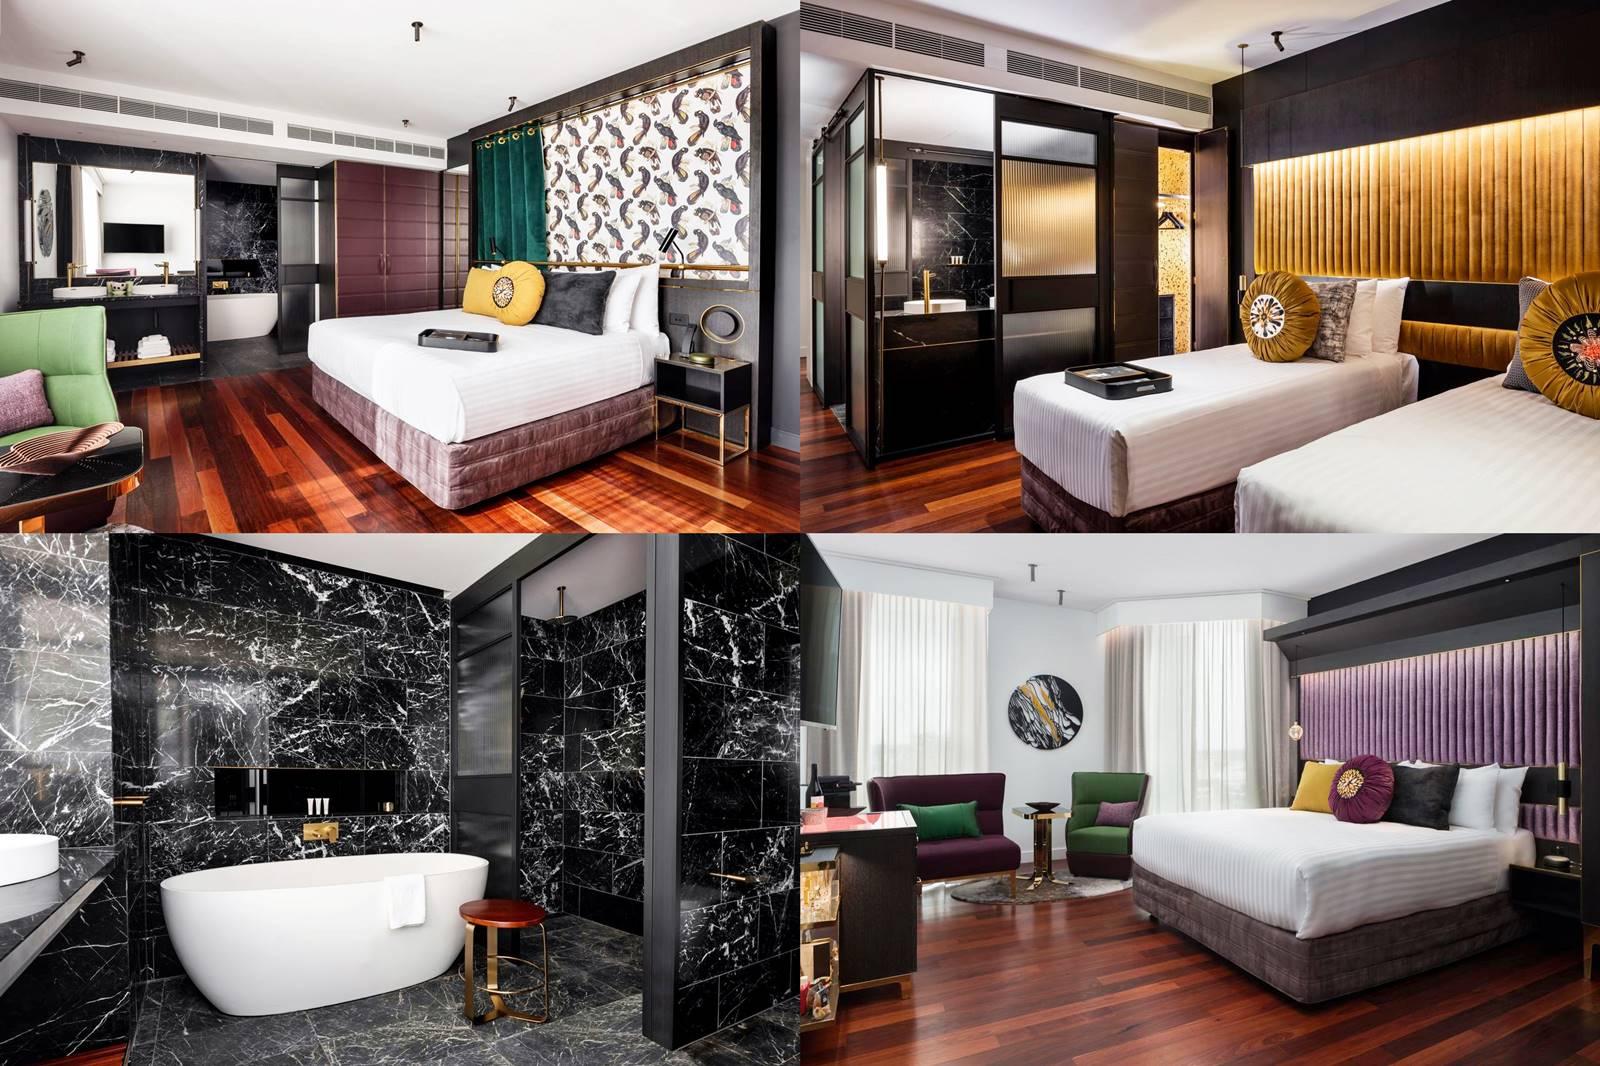 伯斯-市區-住宿-推薦-飯店-旅館-民宿-酒店-公寓-珀斯QT酒店-QT Perth-便宜-CP值-自由行-觀光-旅遊-Perth-hotel